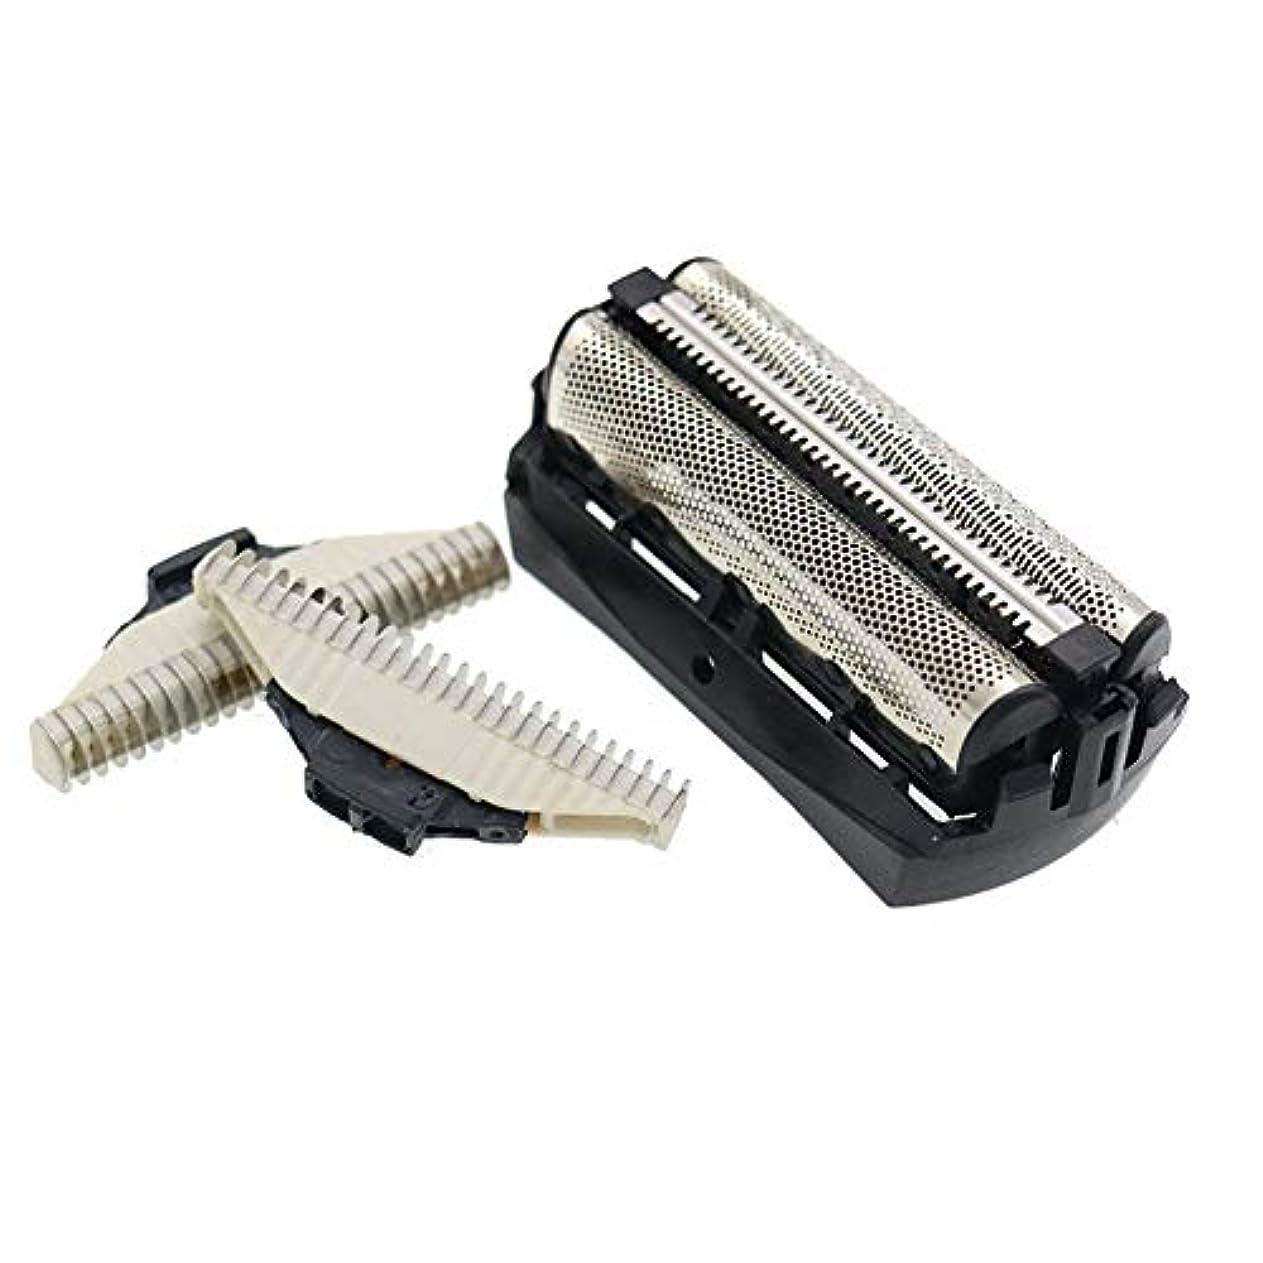 高める専ら規範WuYan 交換用 シェーバー ホイル カッター ユニット シェーバー ヘッド互換性 Philips Qc5550 Qc5580 ロータリー ブレード 男性用 トリマー カミソリ アクセサリー